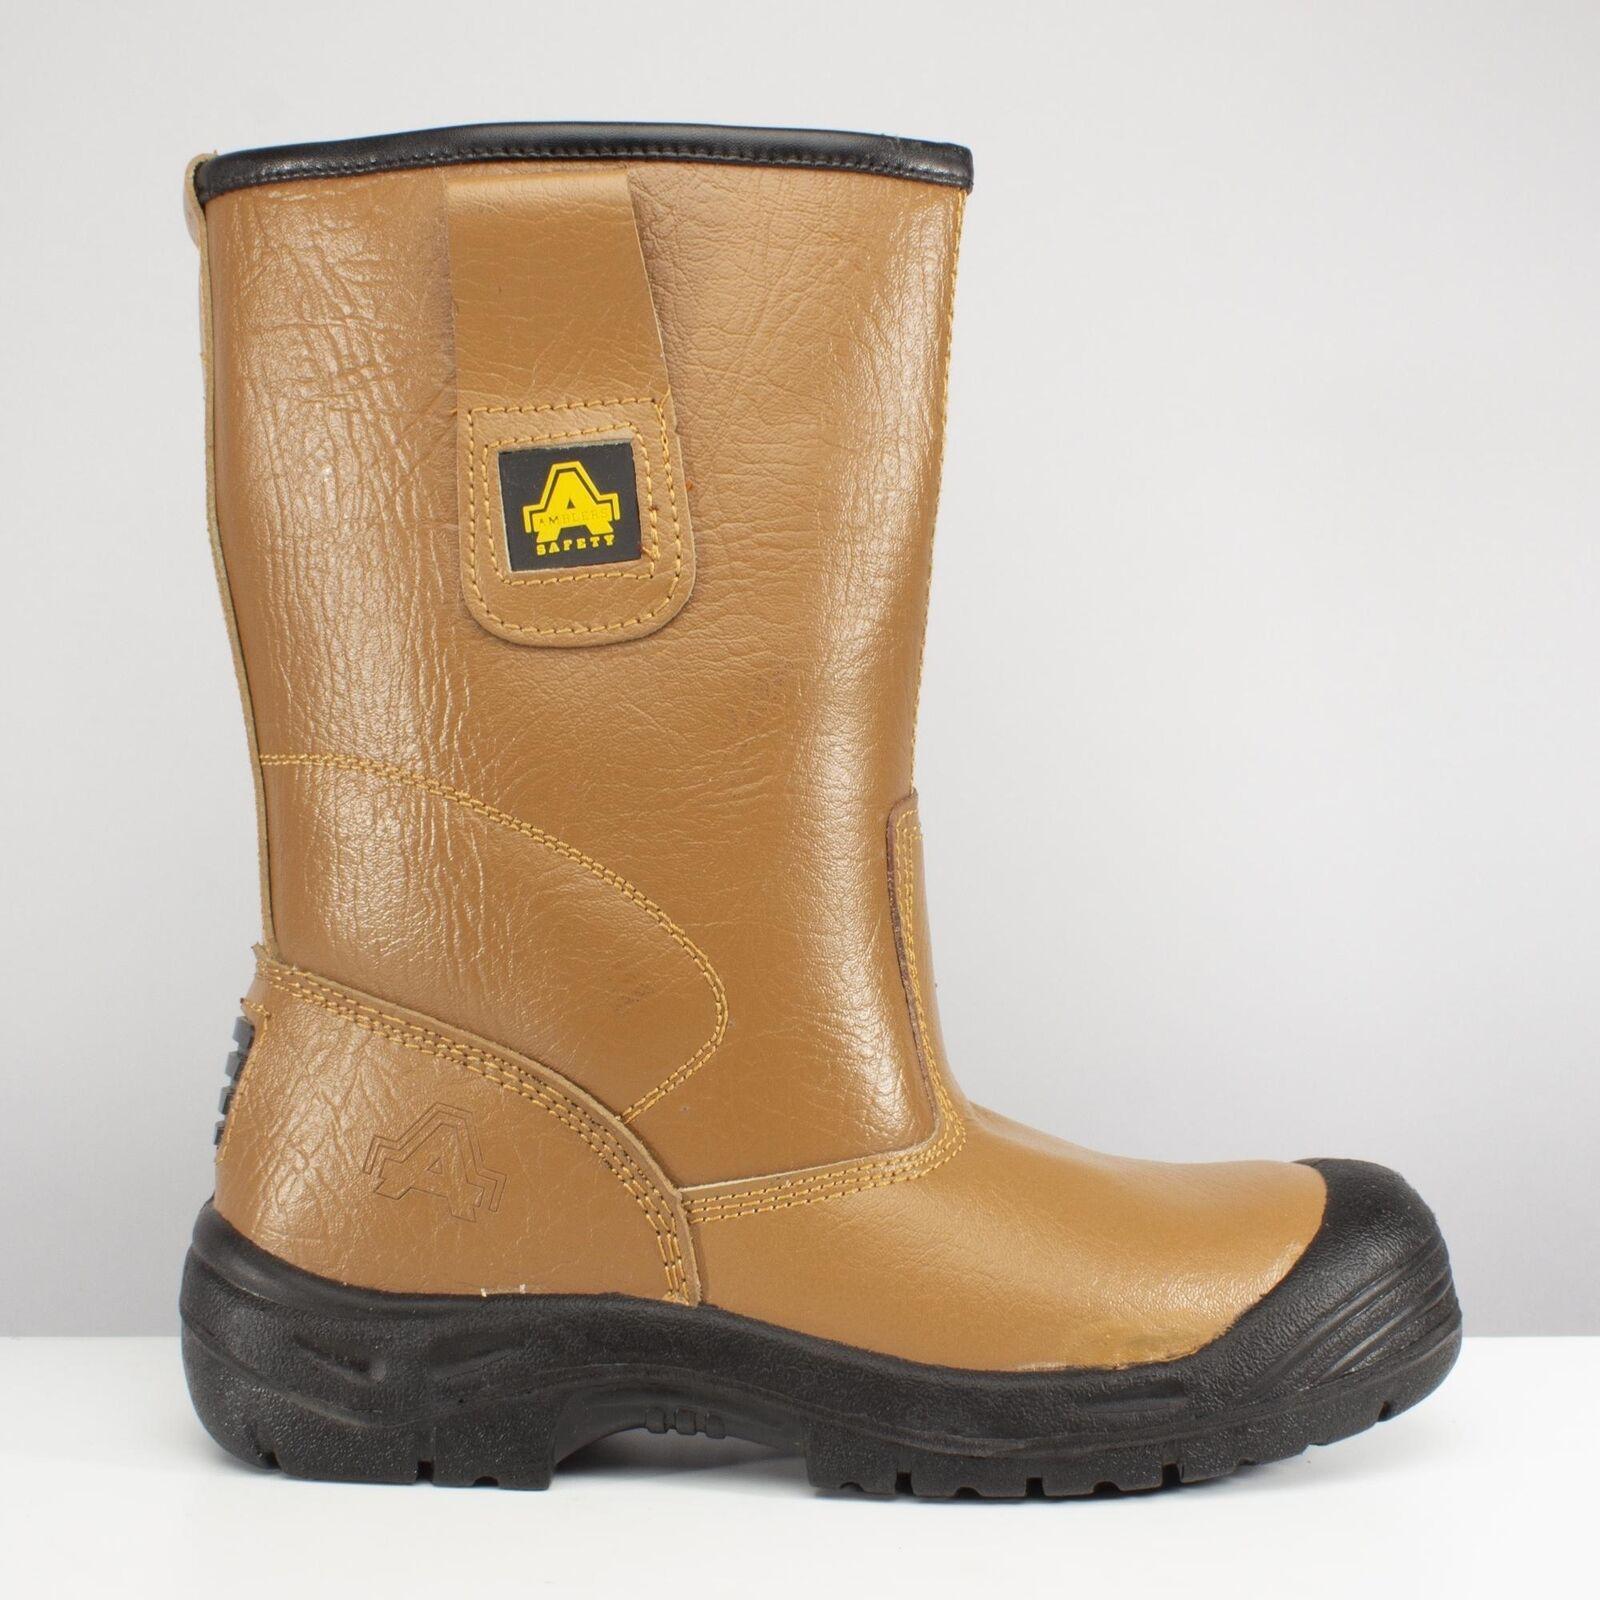 Amblers Safety FS142 Unisex Puntera De Acero Antideslizante resistir S3 Seguridad Rigger botas tan